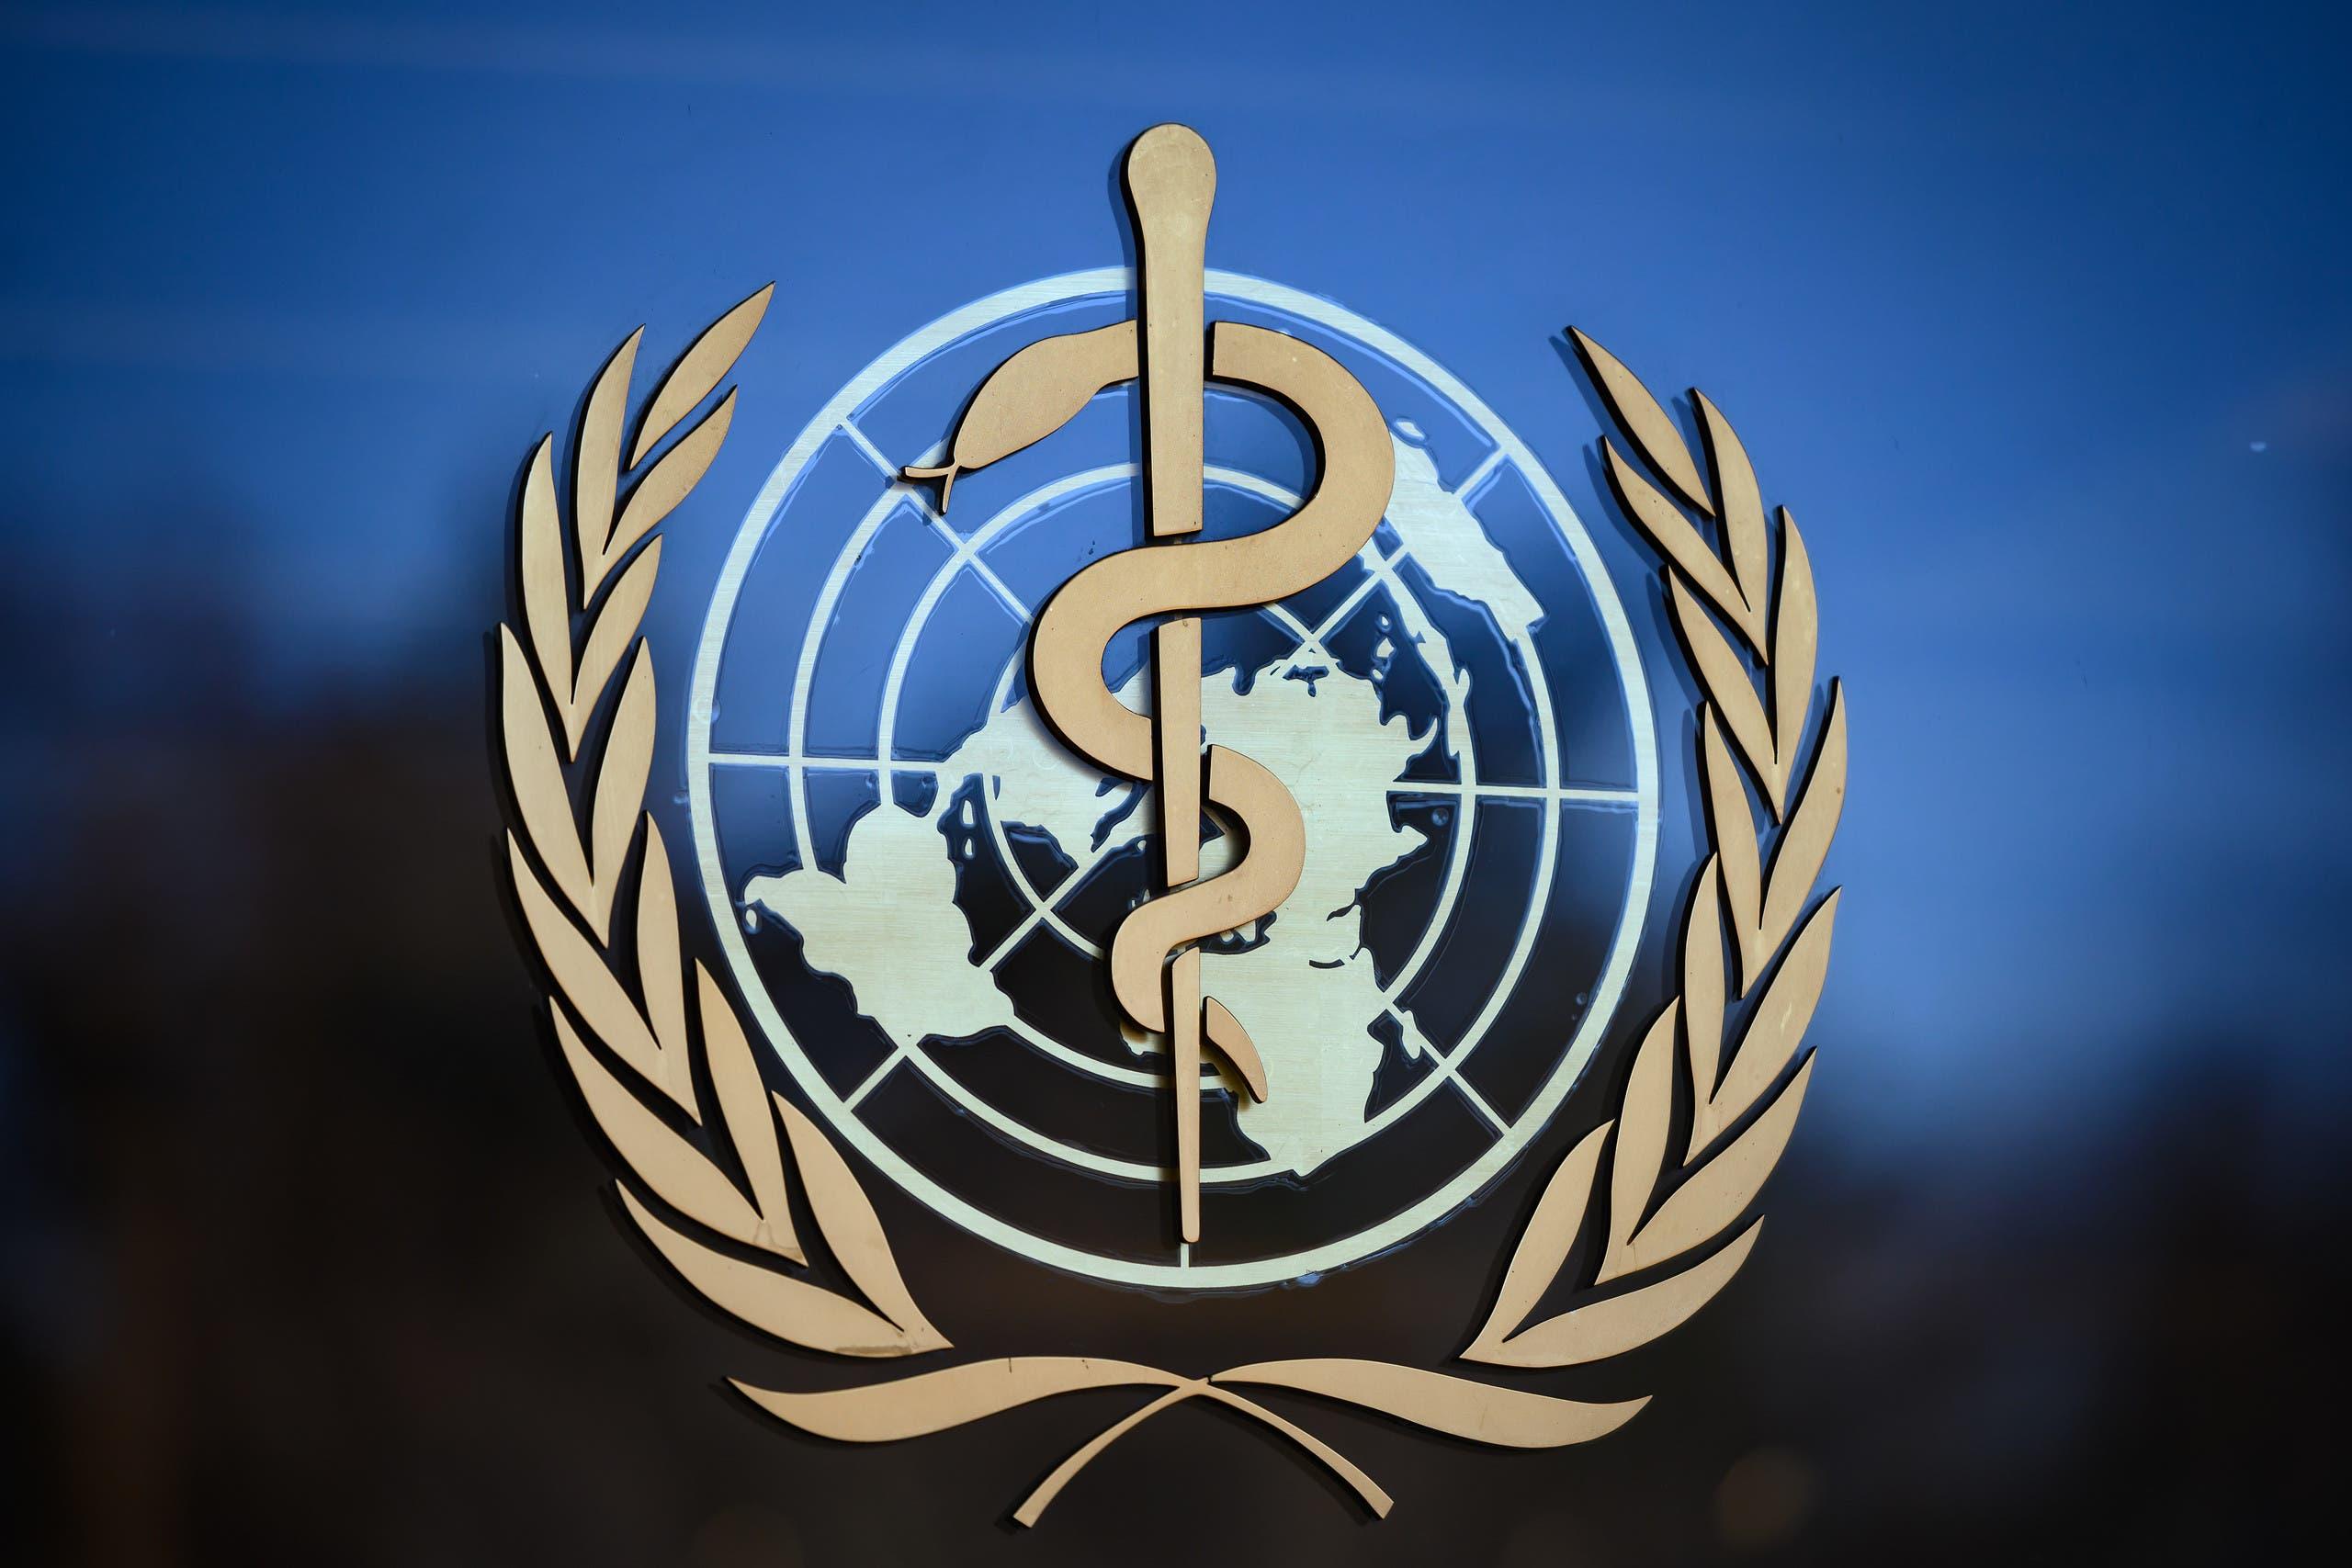 منظمة الصحة العالمية توجه نصائح بشأن التعامل مع الأطعمة للوقاية من فيروس كورونا